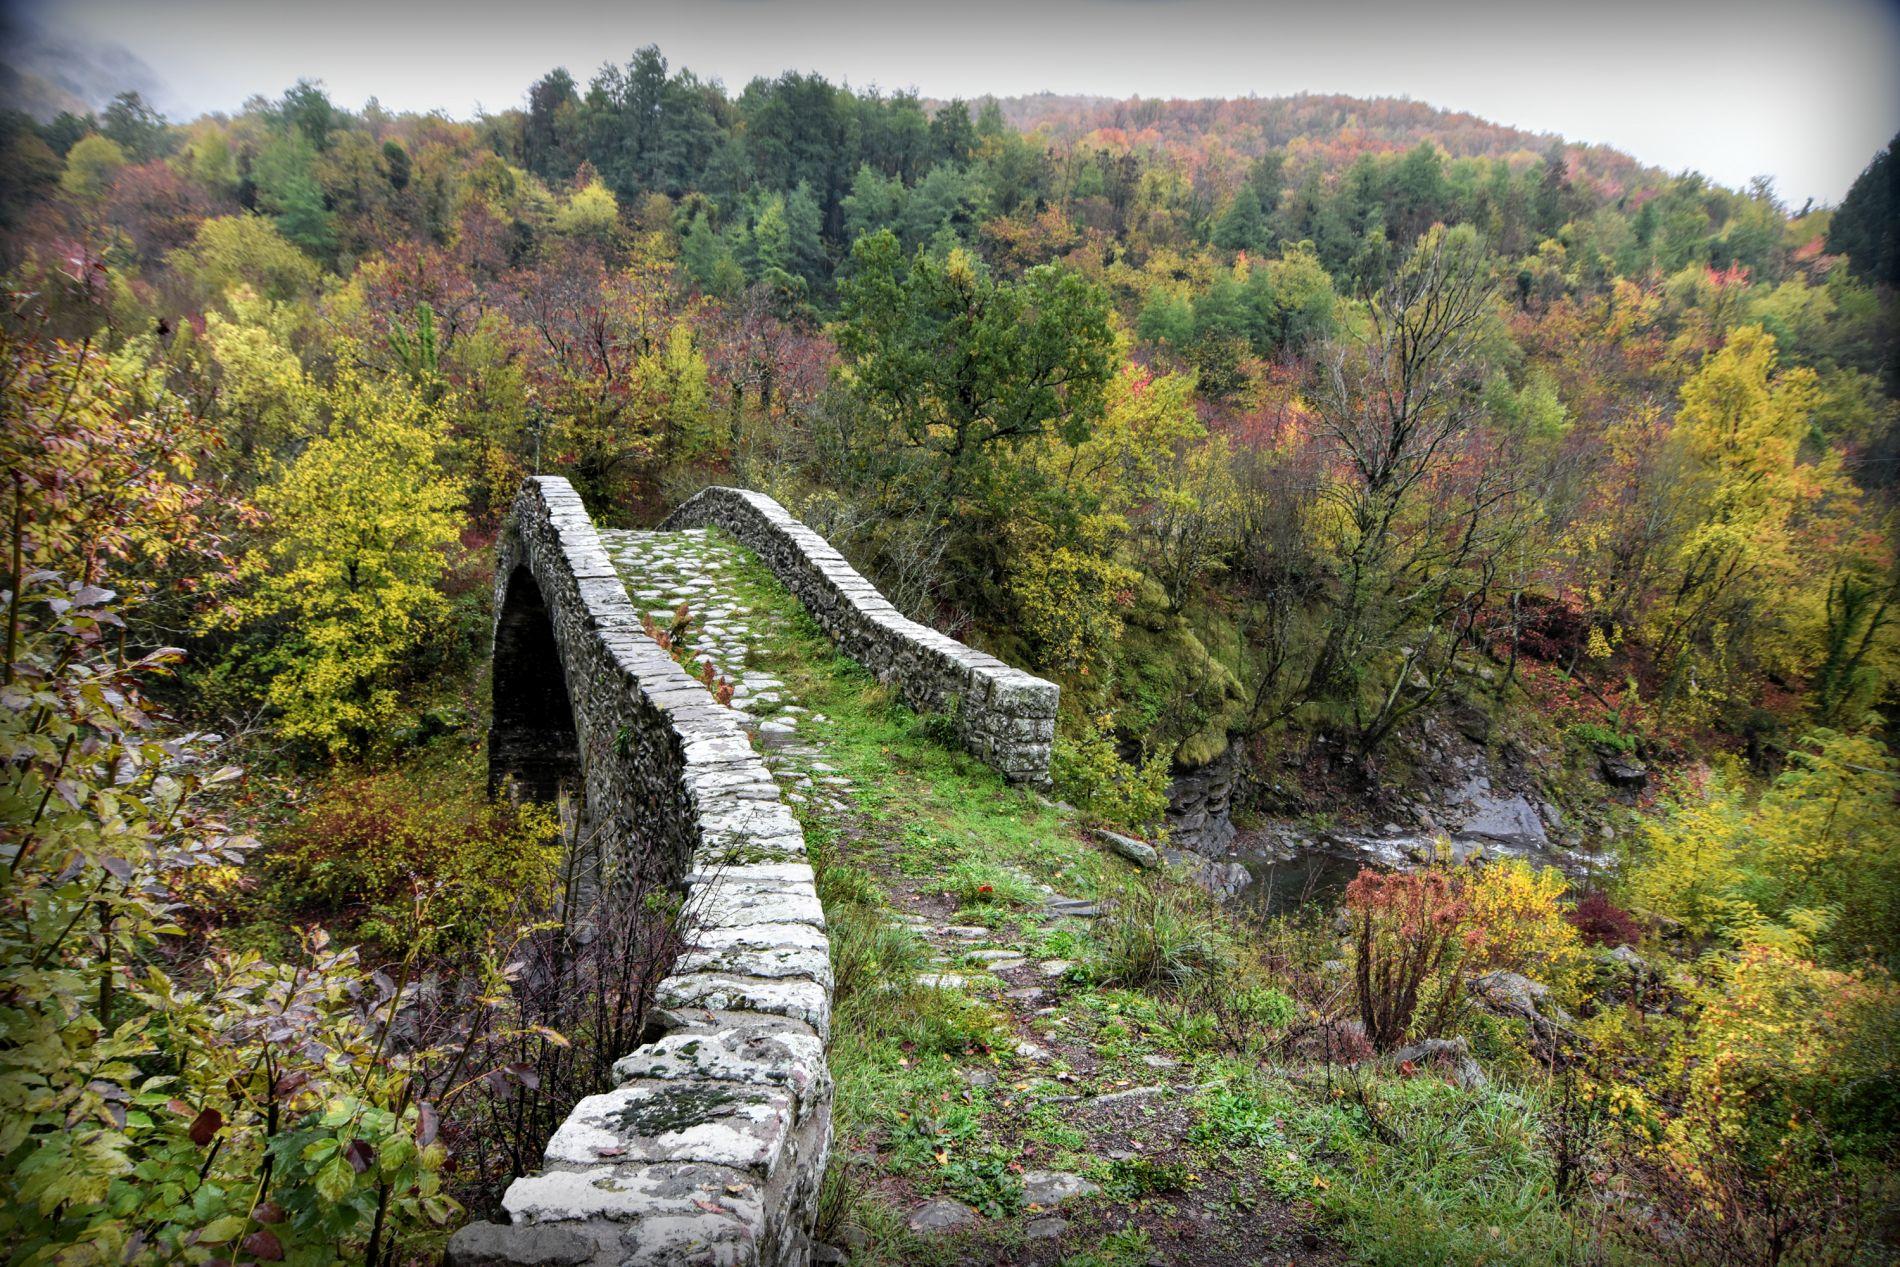 Groppodalosio bridge